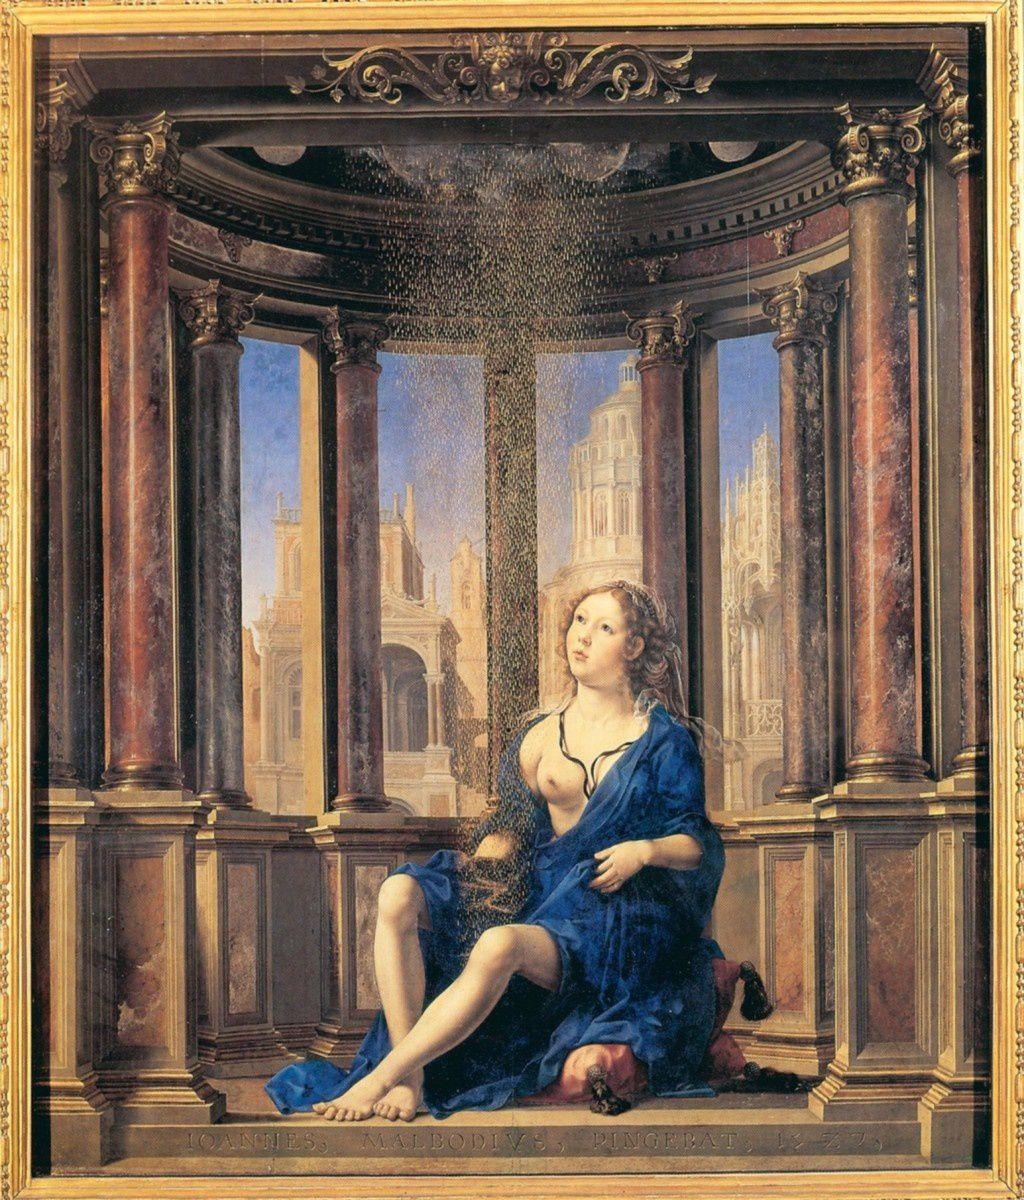 Danaé, 1527, Jan Gossaert, (Munich, Alte Pinakothek)